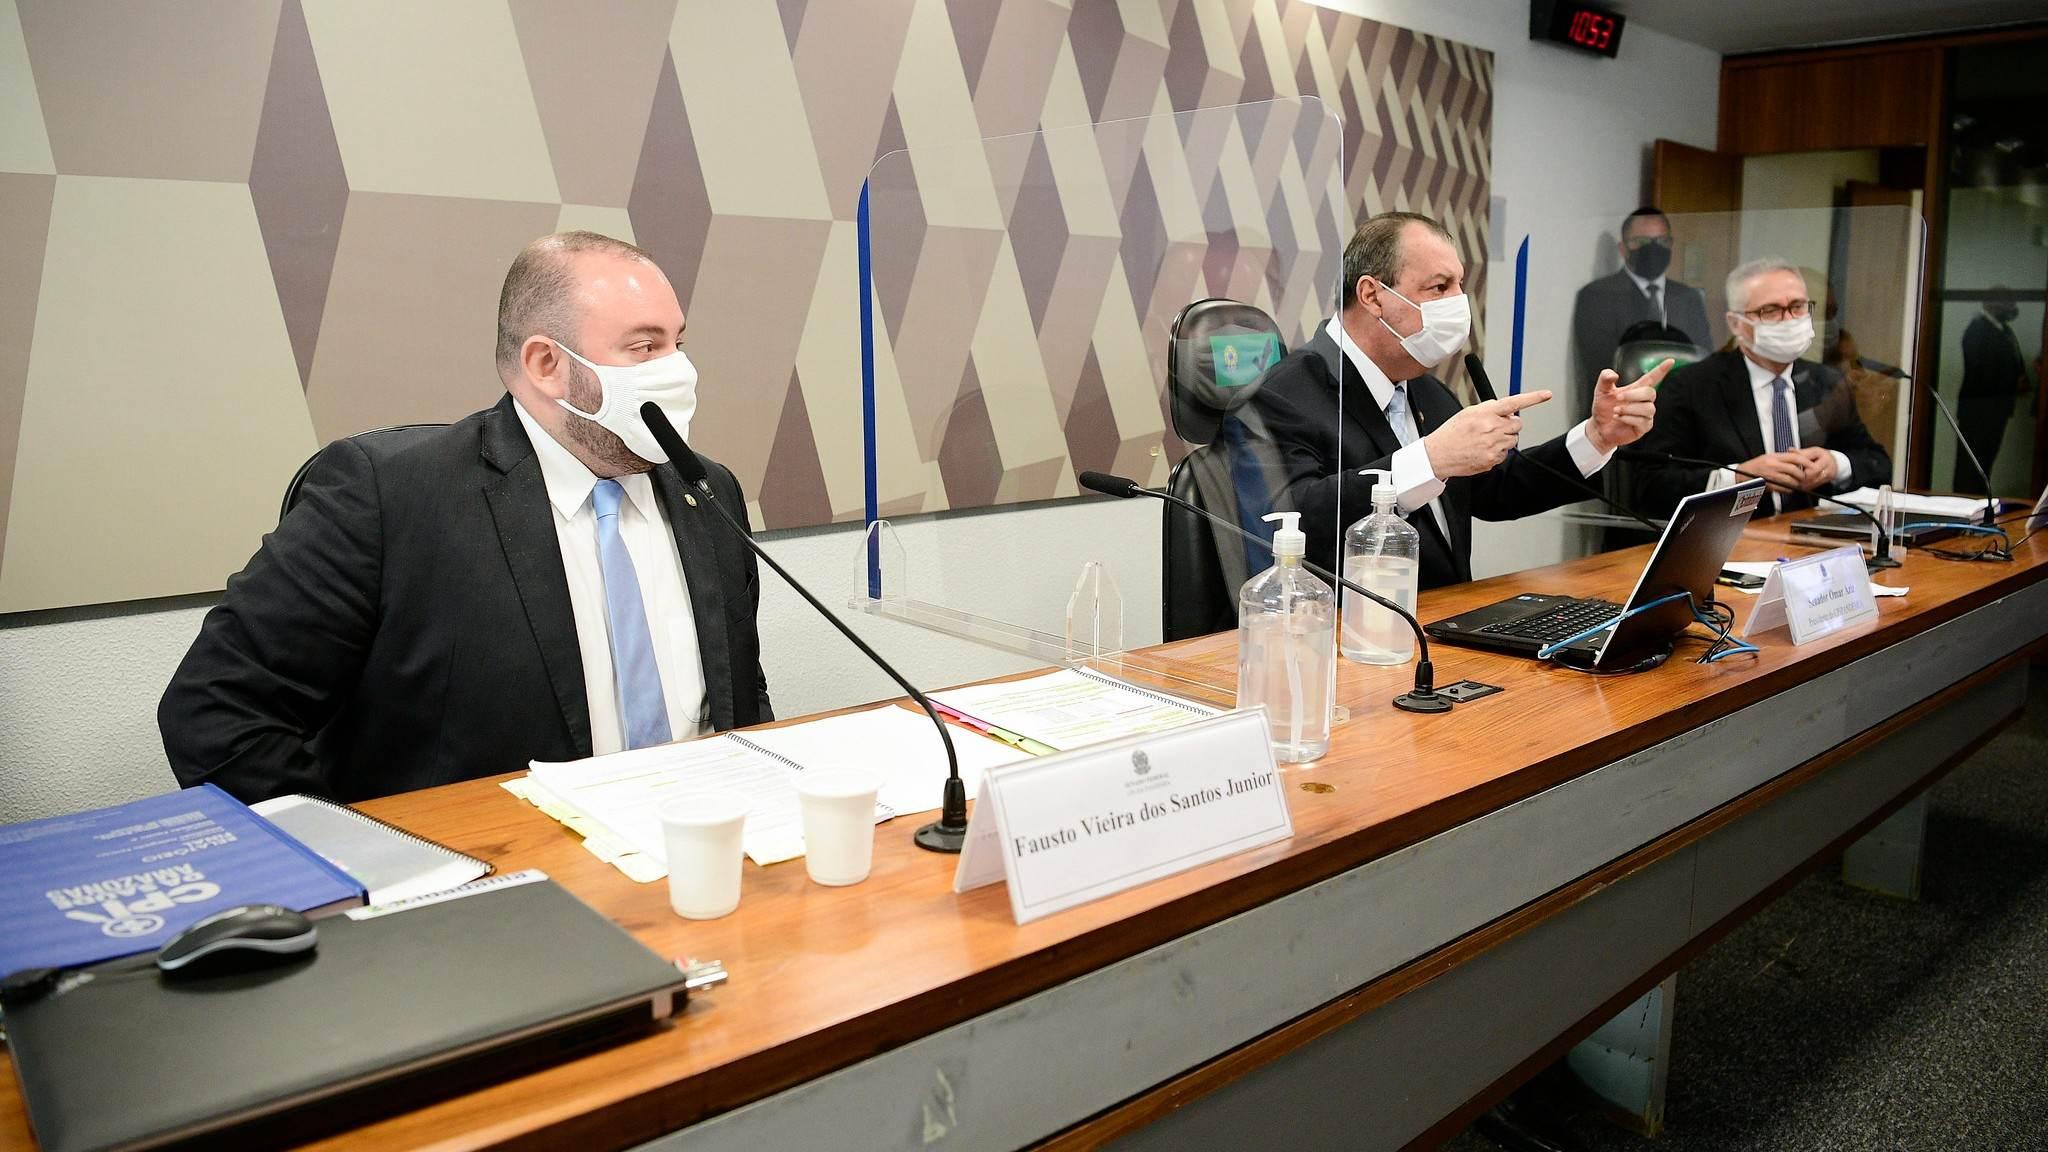 O deputado estadual Fausto Junior (MDB-AM) presta depoimento na CPI da Pandemia